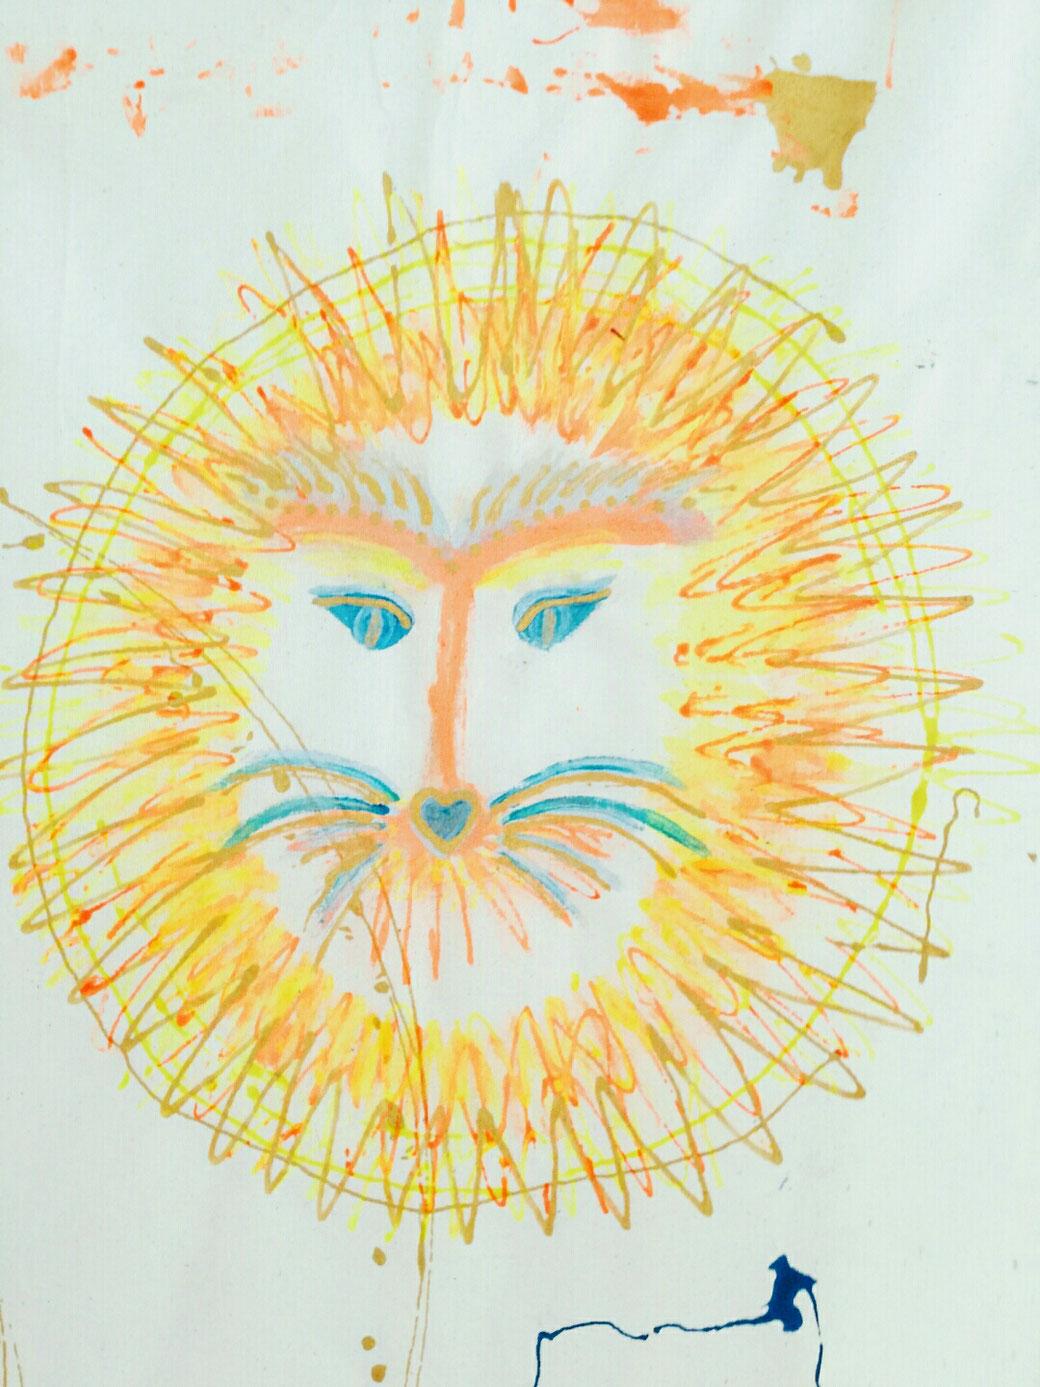 D.I.Y. Kunst Geschichten fürs Kinderzimmer, Stoffmalerei, Wandbehang, Wandbild, Gästebuch,Bilderbuch aus Stoff, mit Kindern malen, wilder Löwe